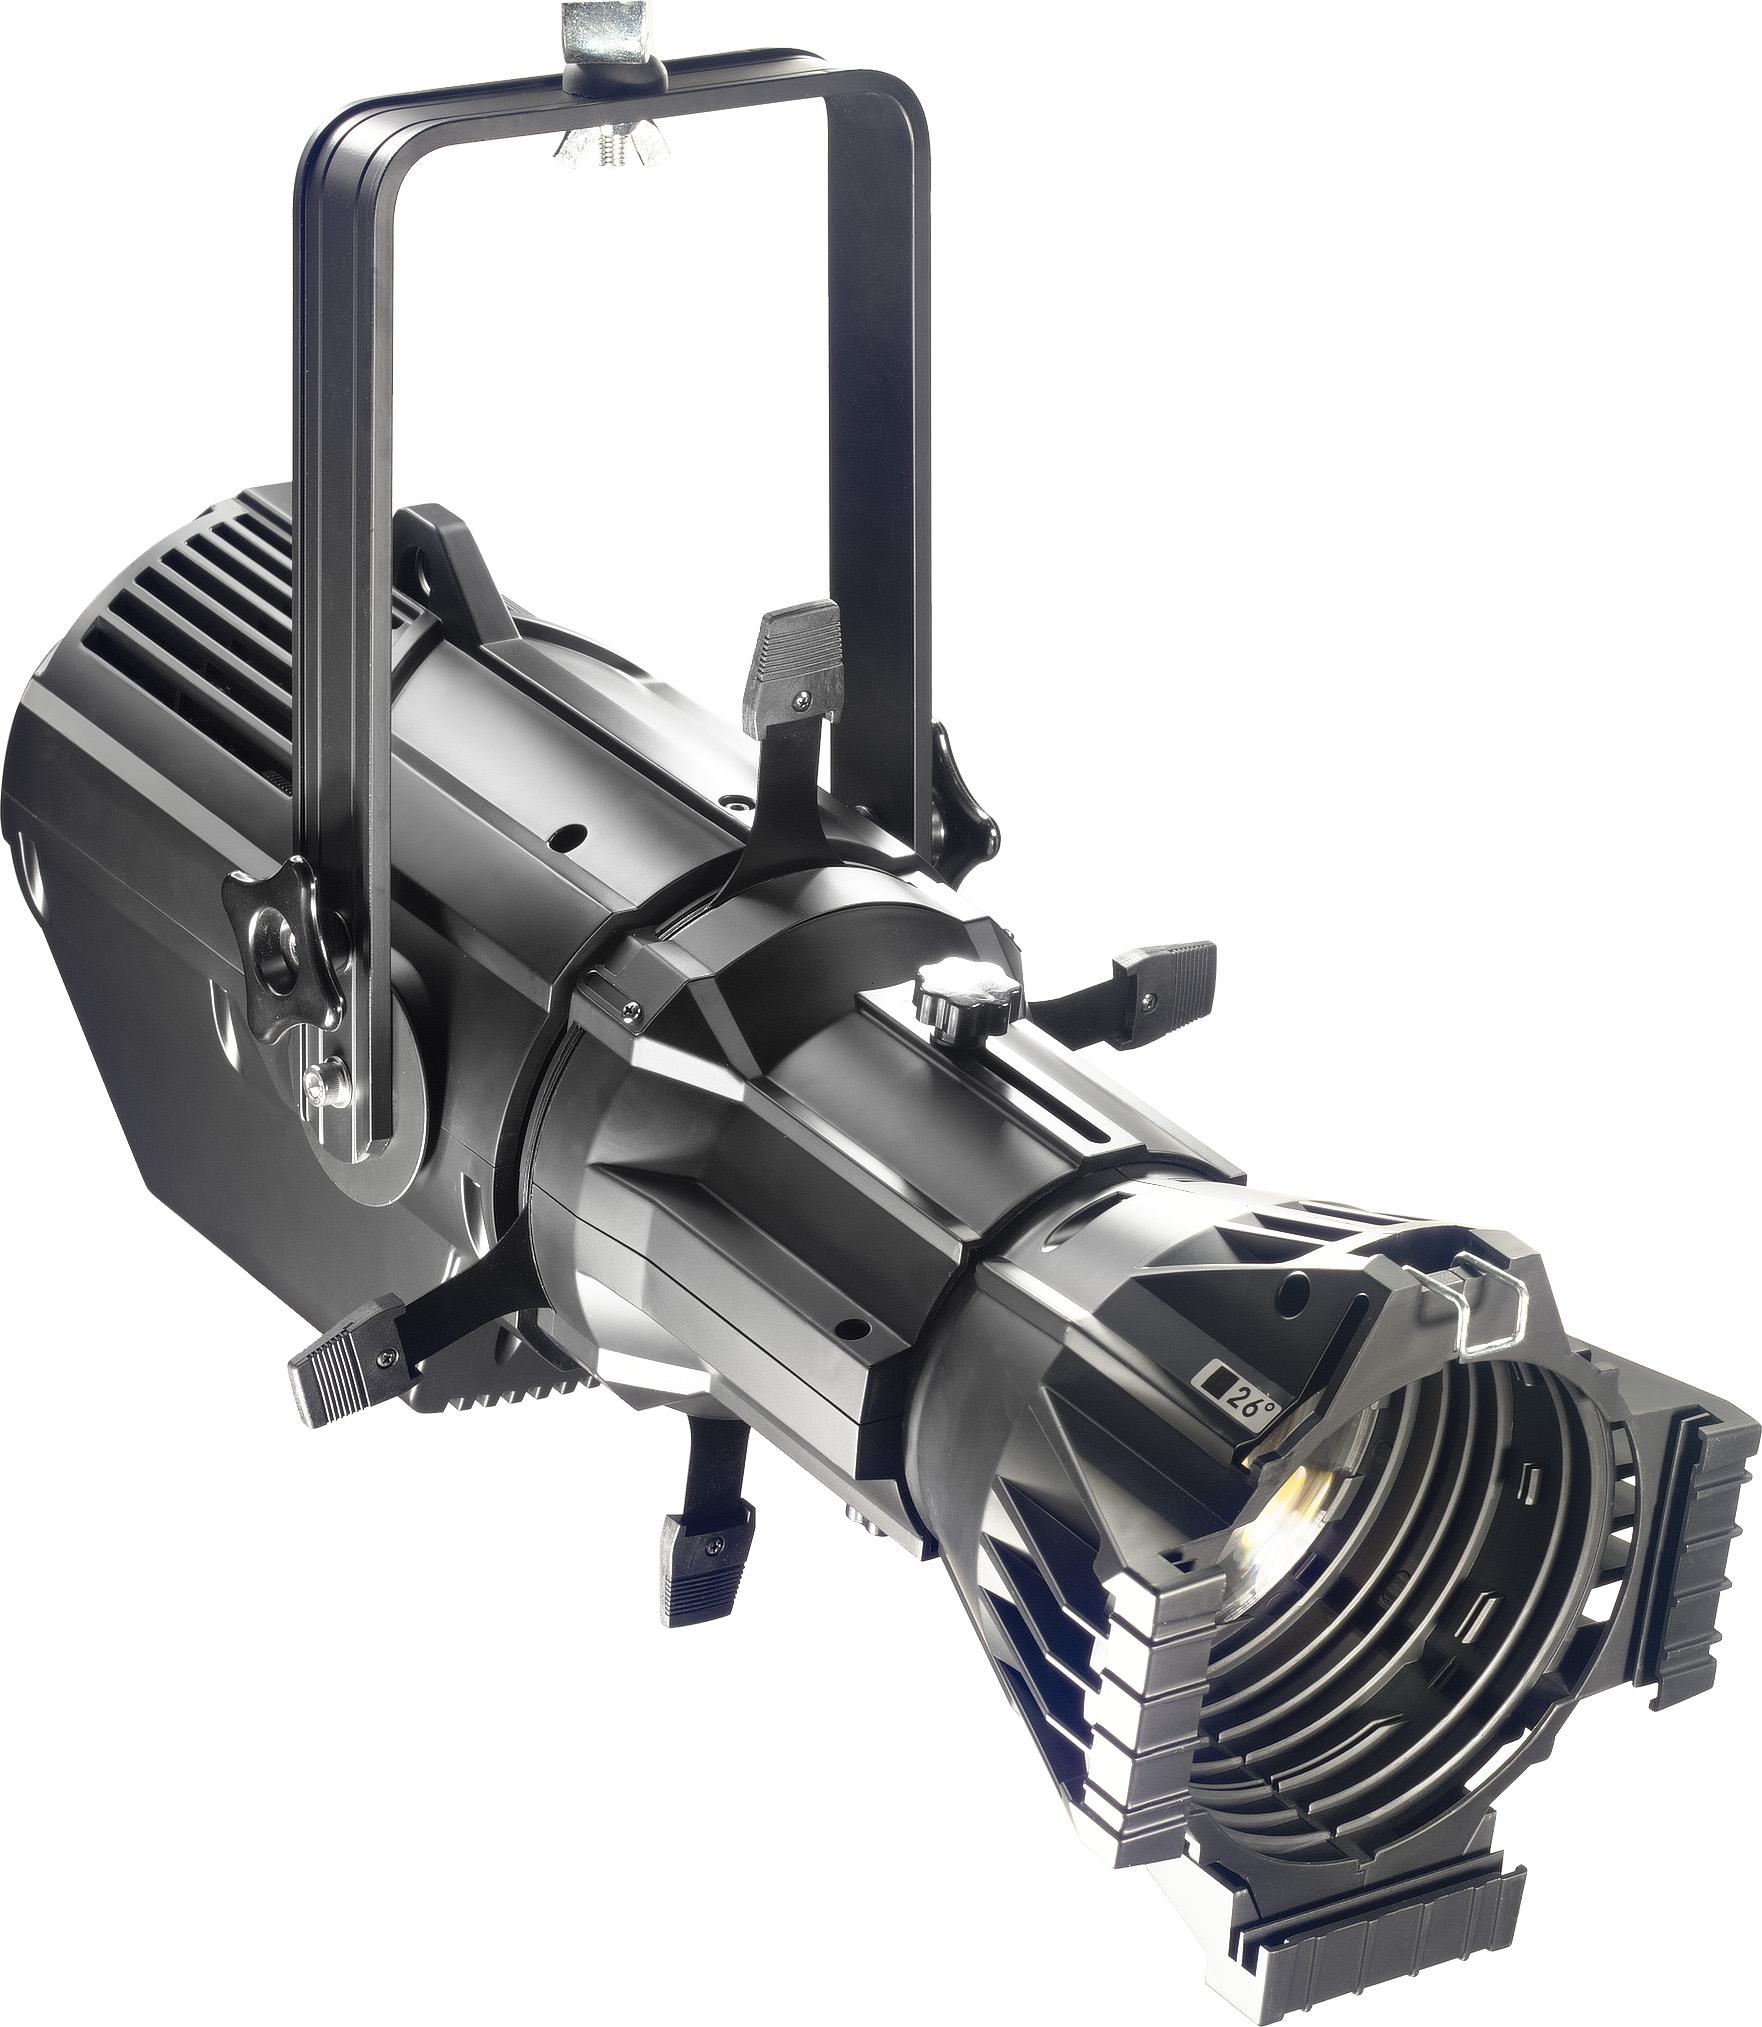 Stagg SLP200 profilový reflektor, 1x200W COB 3200K DMX černý